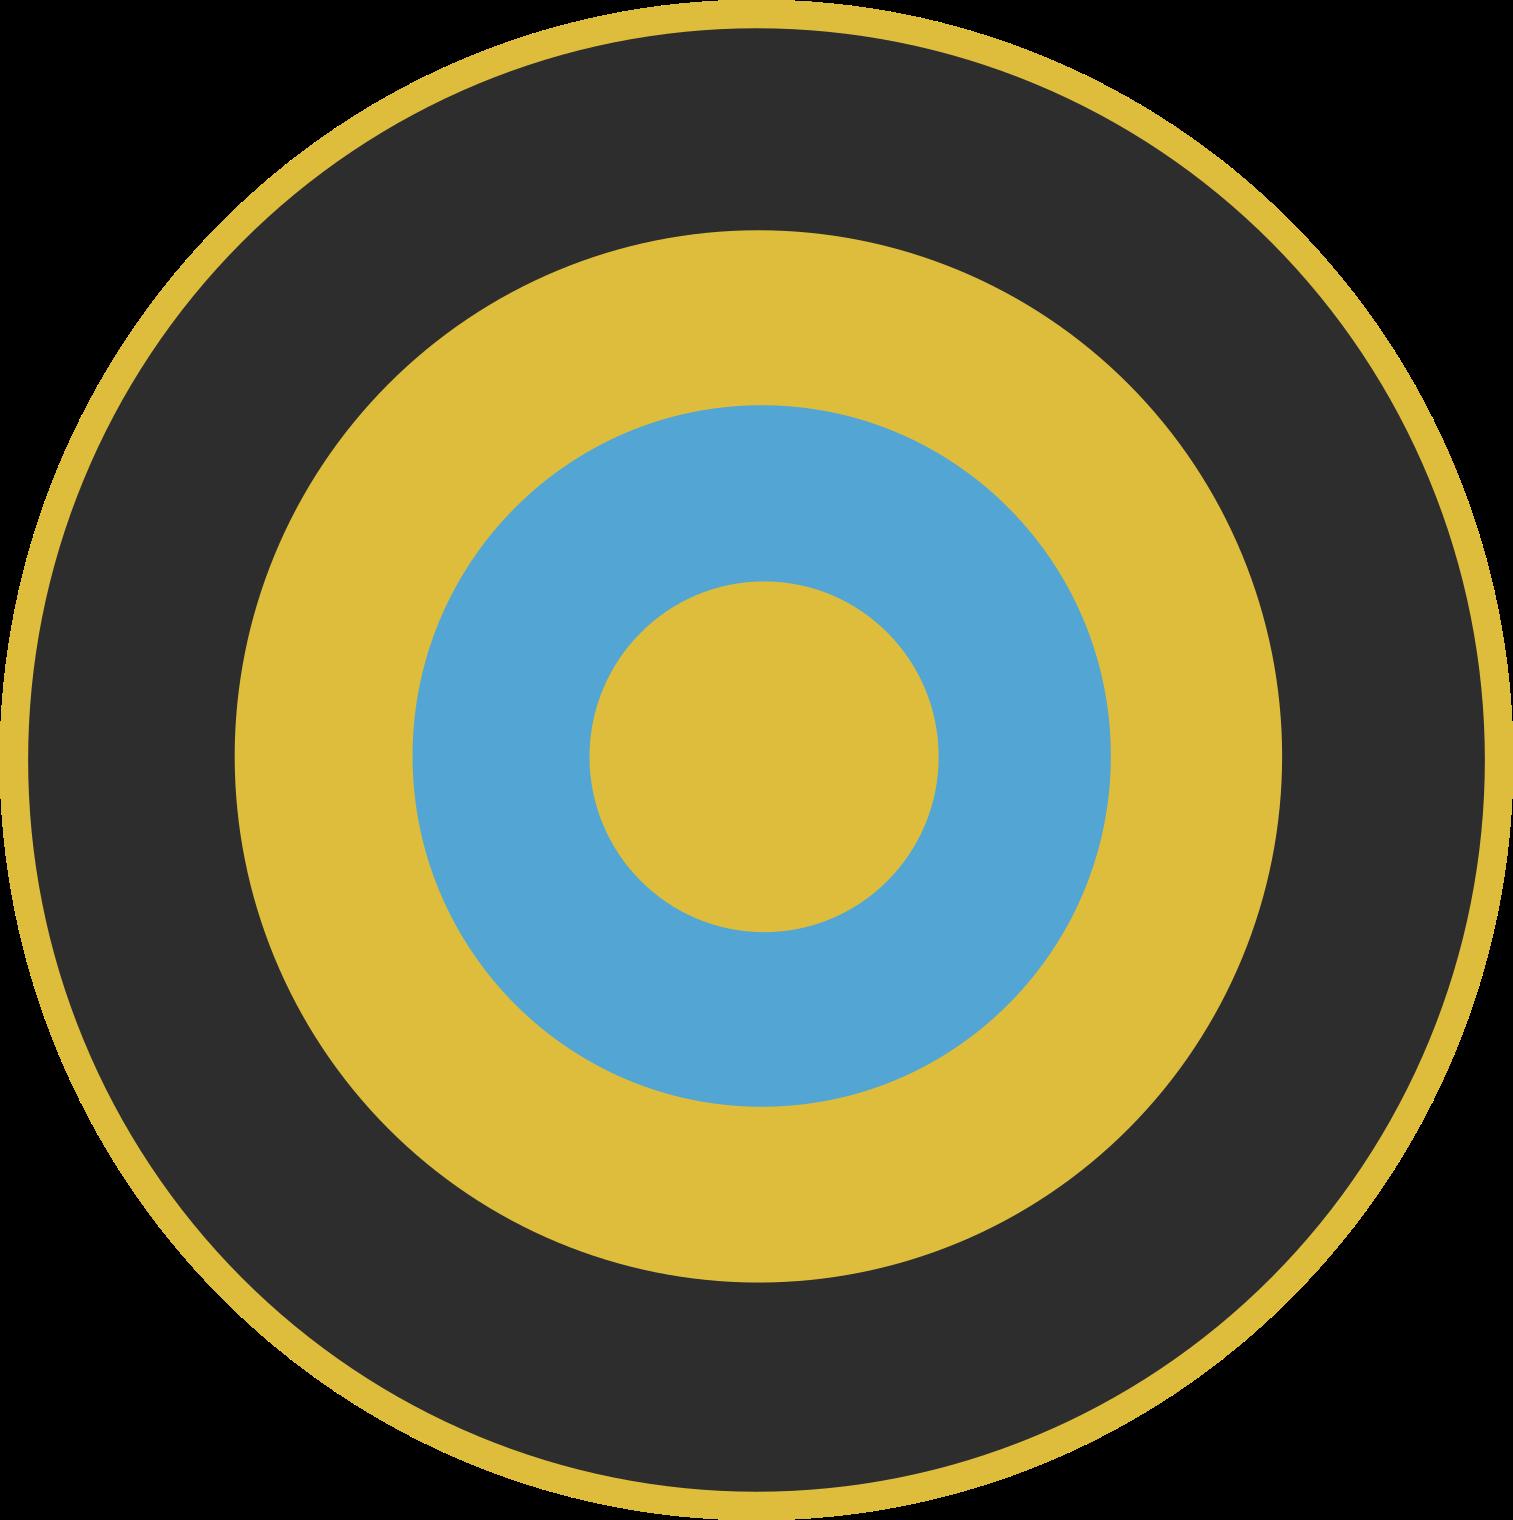 logotipo de RESINAS CASTRO SL